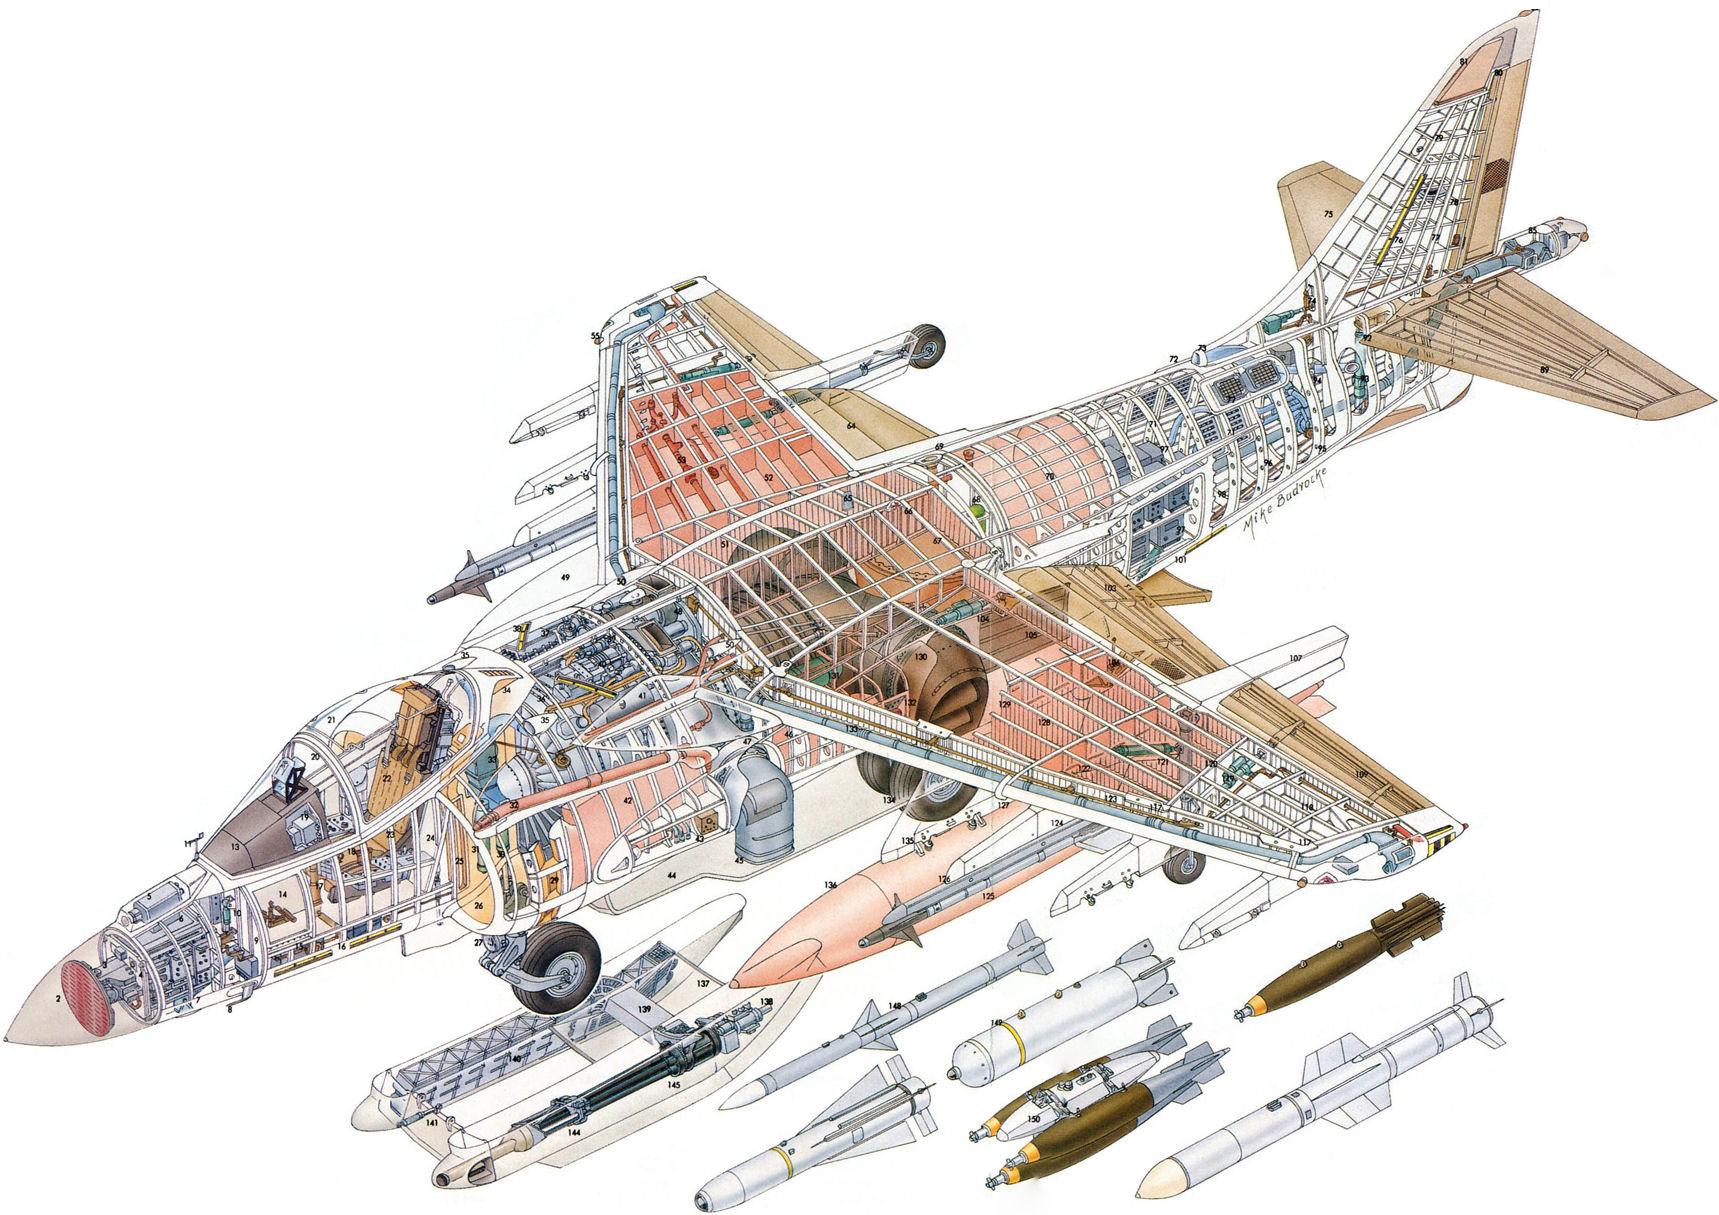 McDonnell Douglas AV-8B Harrier II cutaway drawing